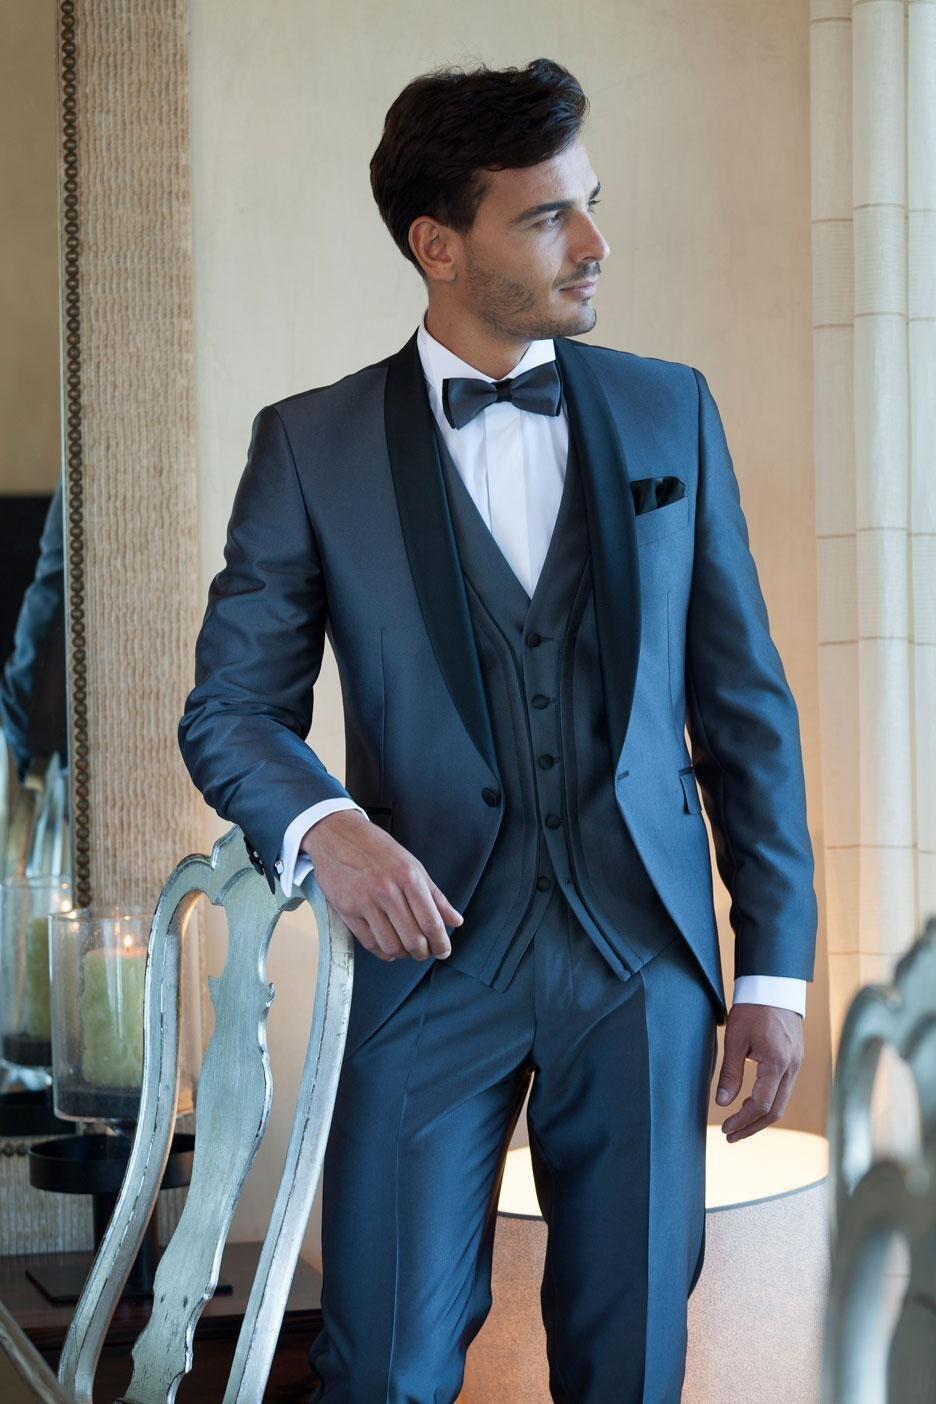 Venta caliente barato azul marino trajes para hombre personalizados - Ropa de hombre - foto 1